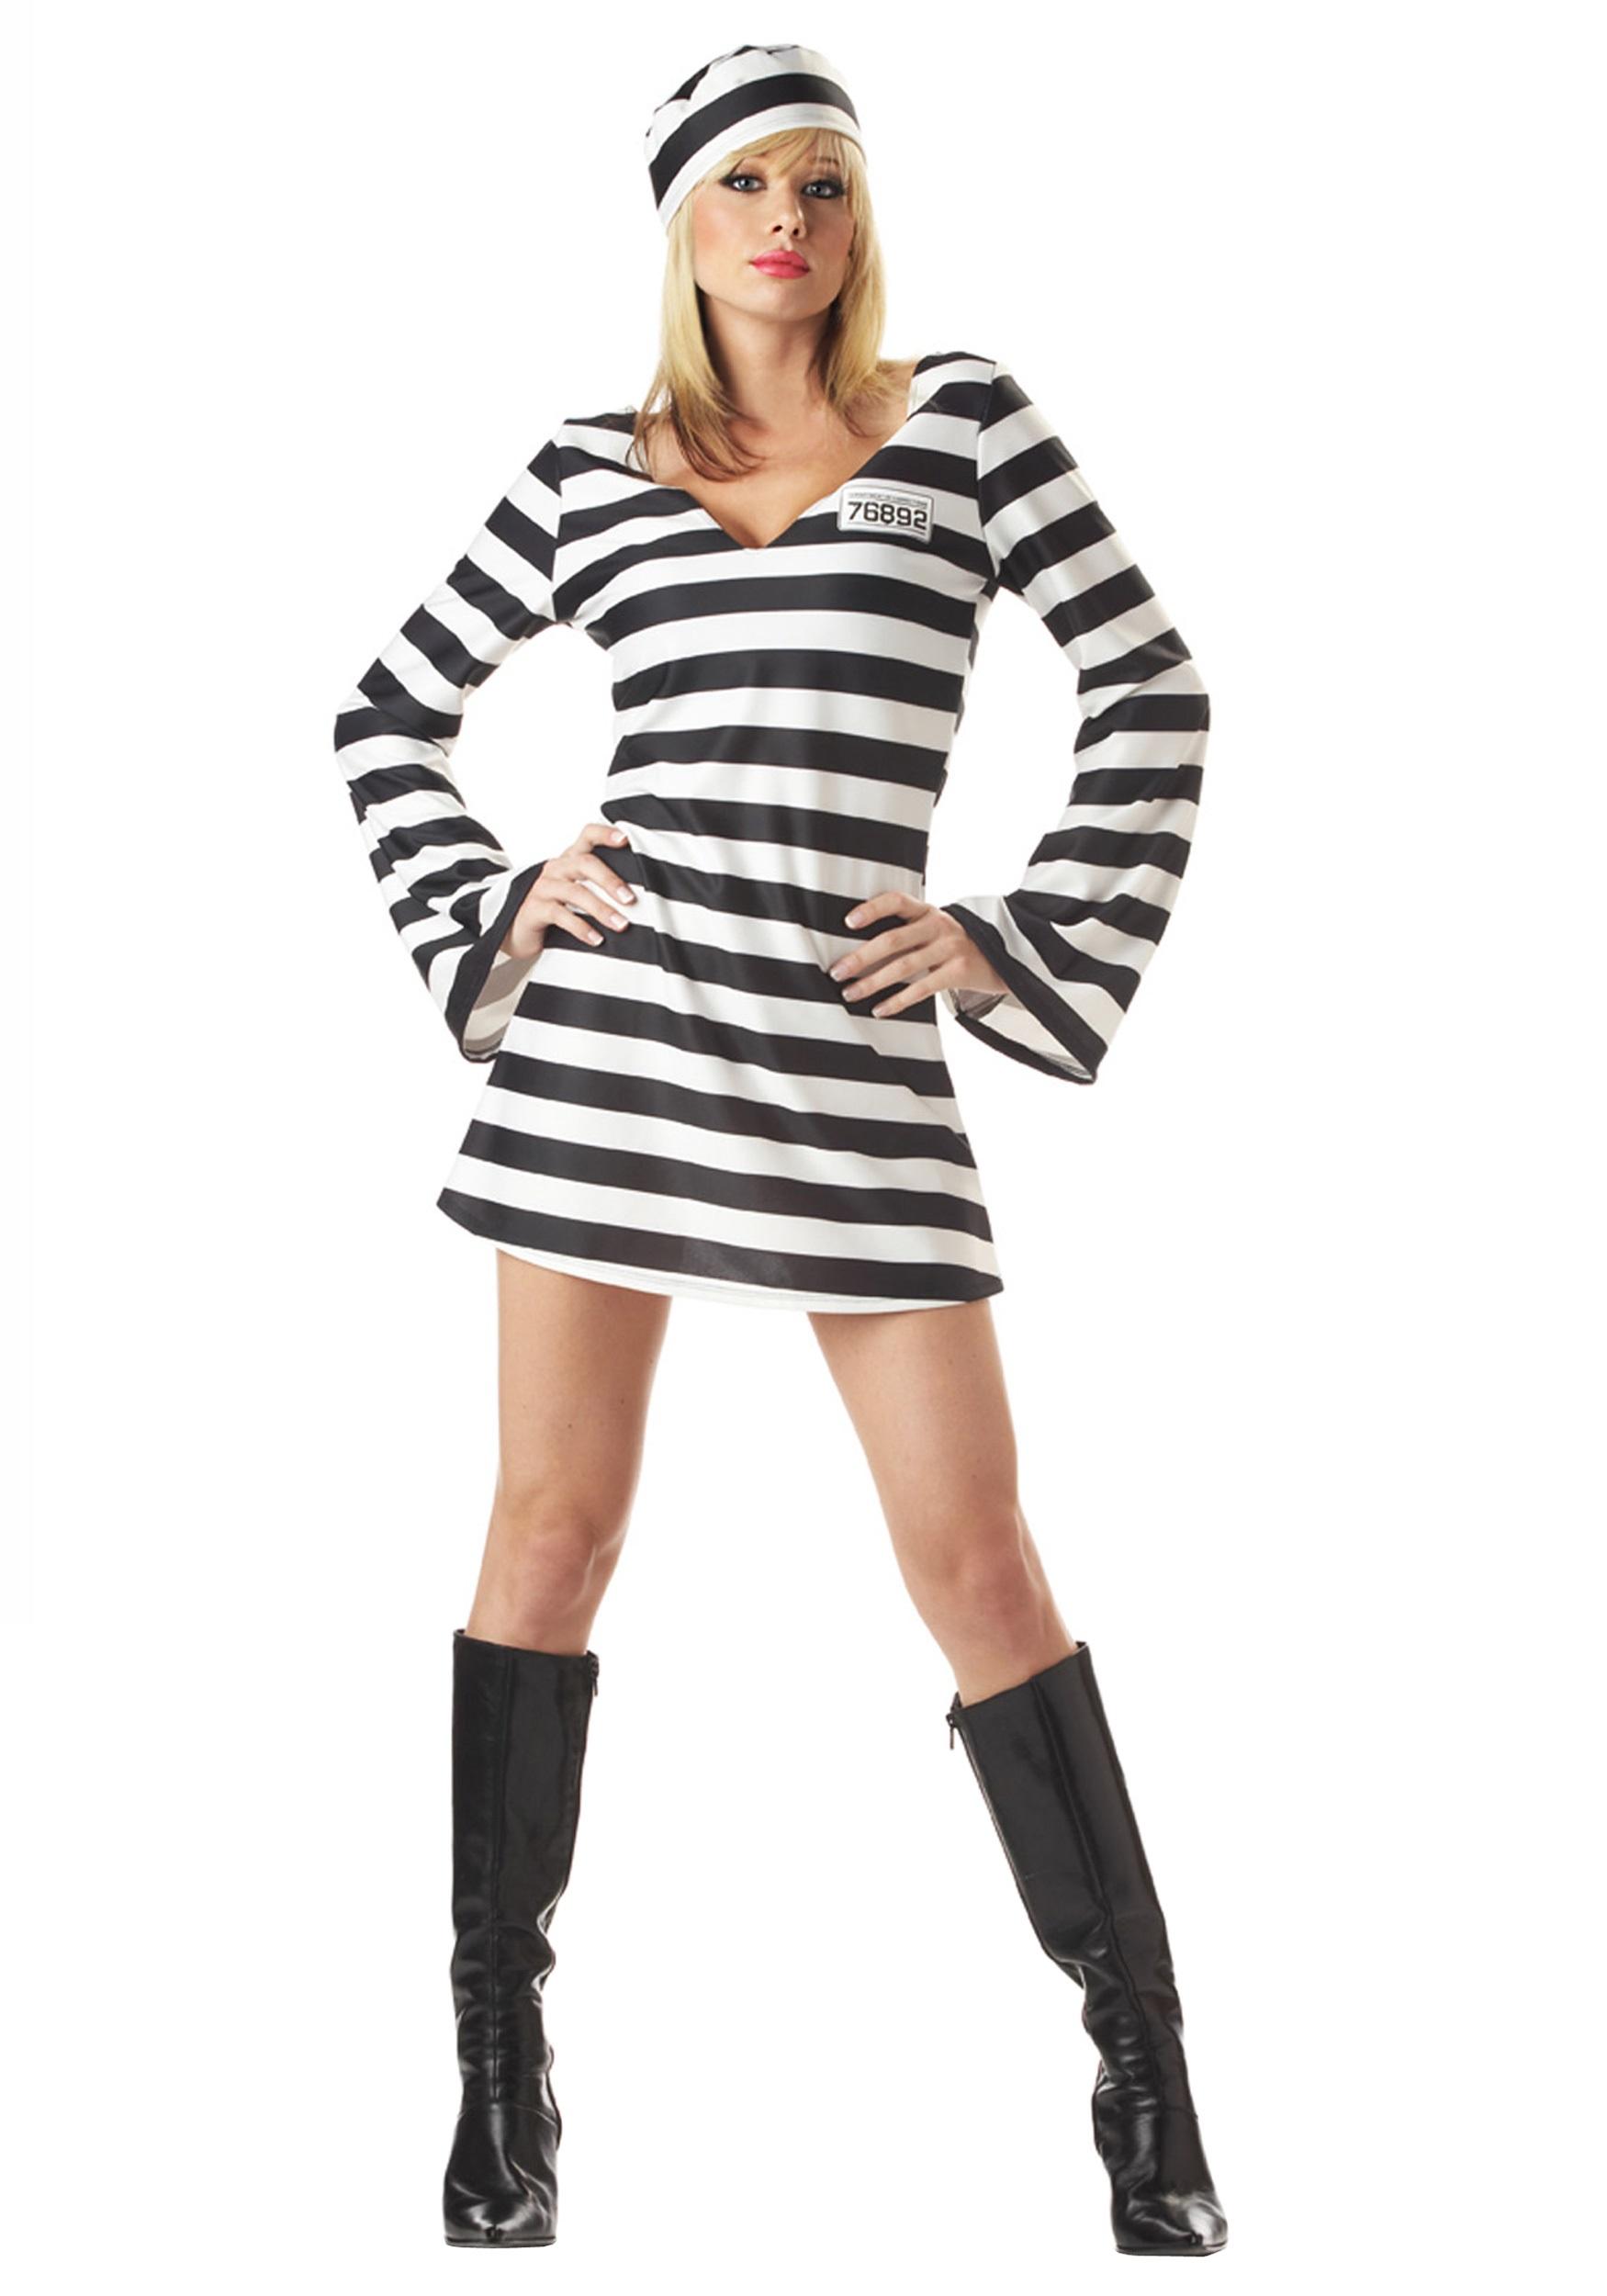 Inmate Prisoner Costume for Women